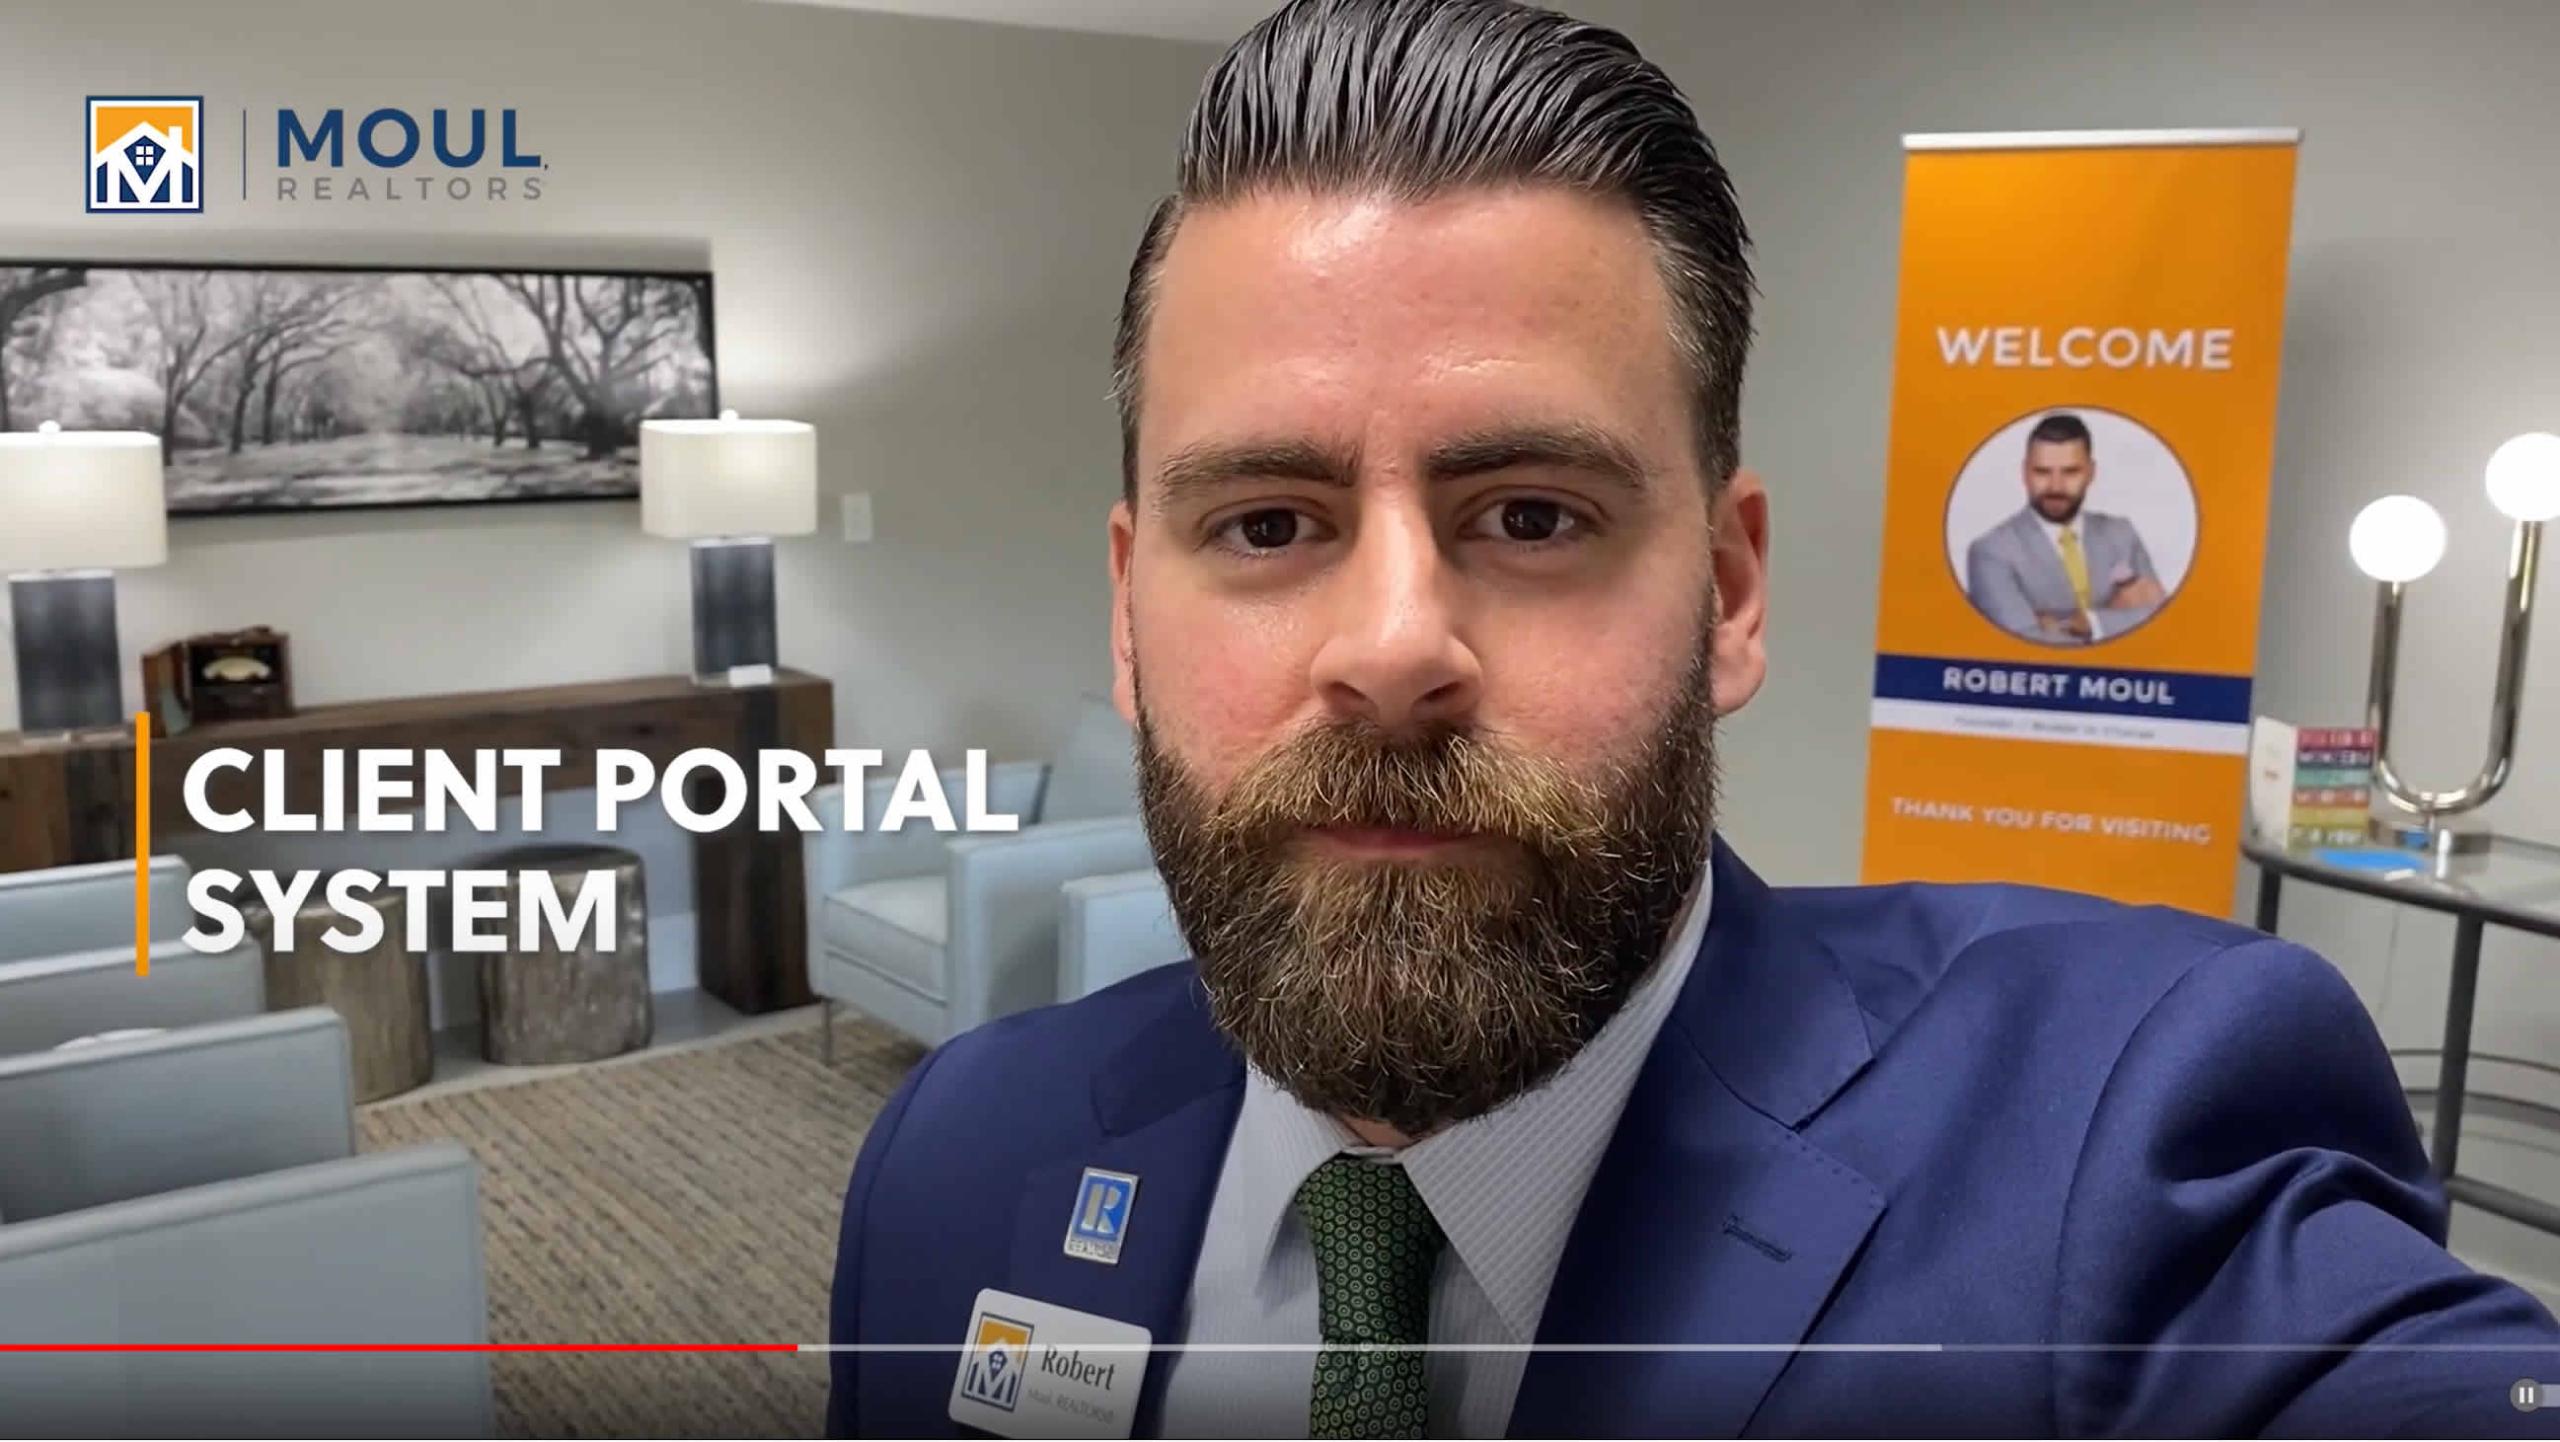 Moul, REALTORS Client Portal System